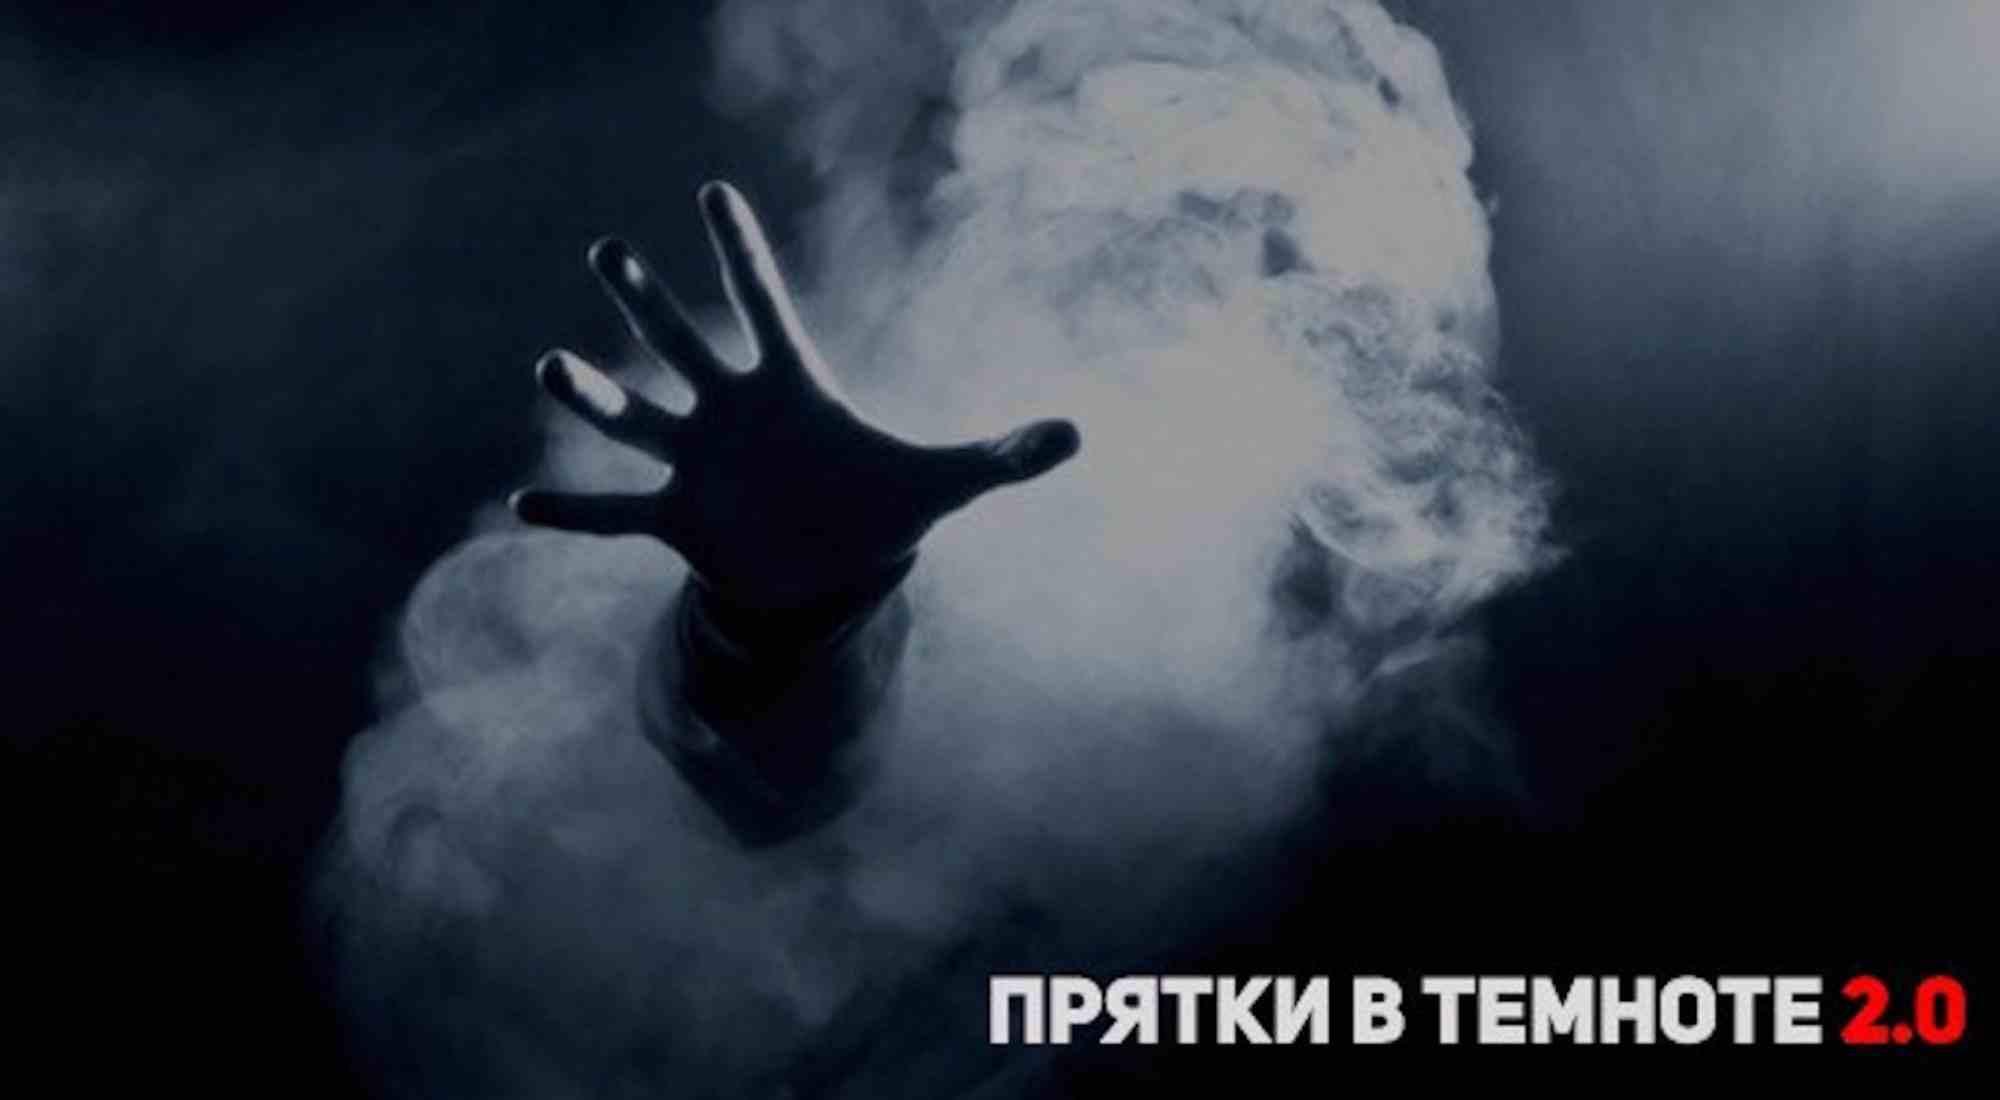 Квест в реальности Прятки в темноте 2.0 Анастасия Москва